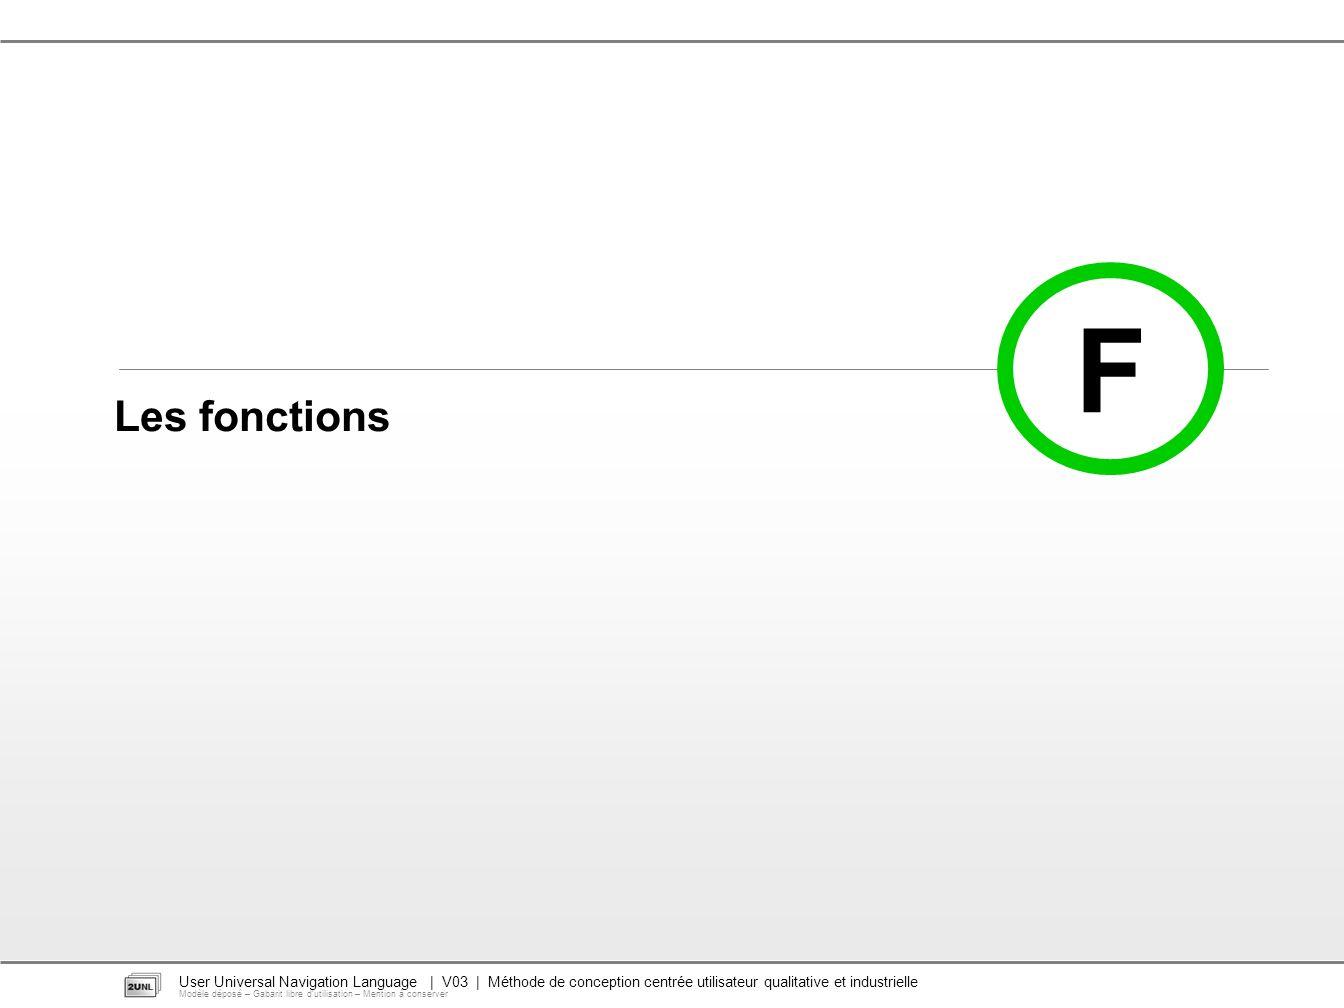 User Universal Navigation Language | V03 | Méthode de conception centrée utilisateur qualitative et industrielle Modèle déposé – Gabarit libre dutilisation – Mention à conserver F Les fonctions